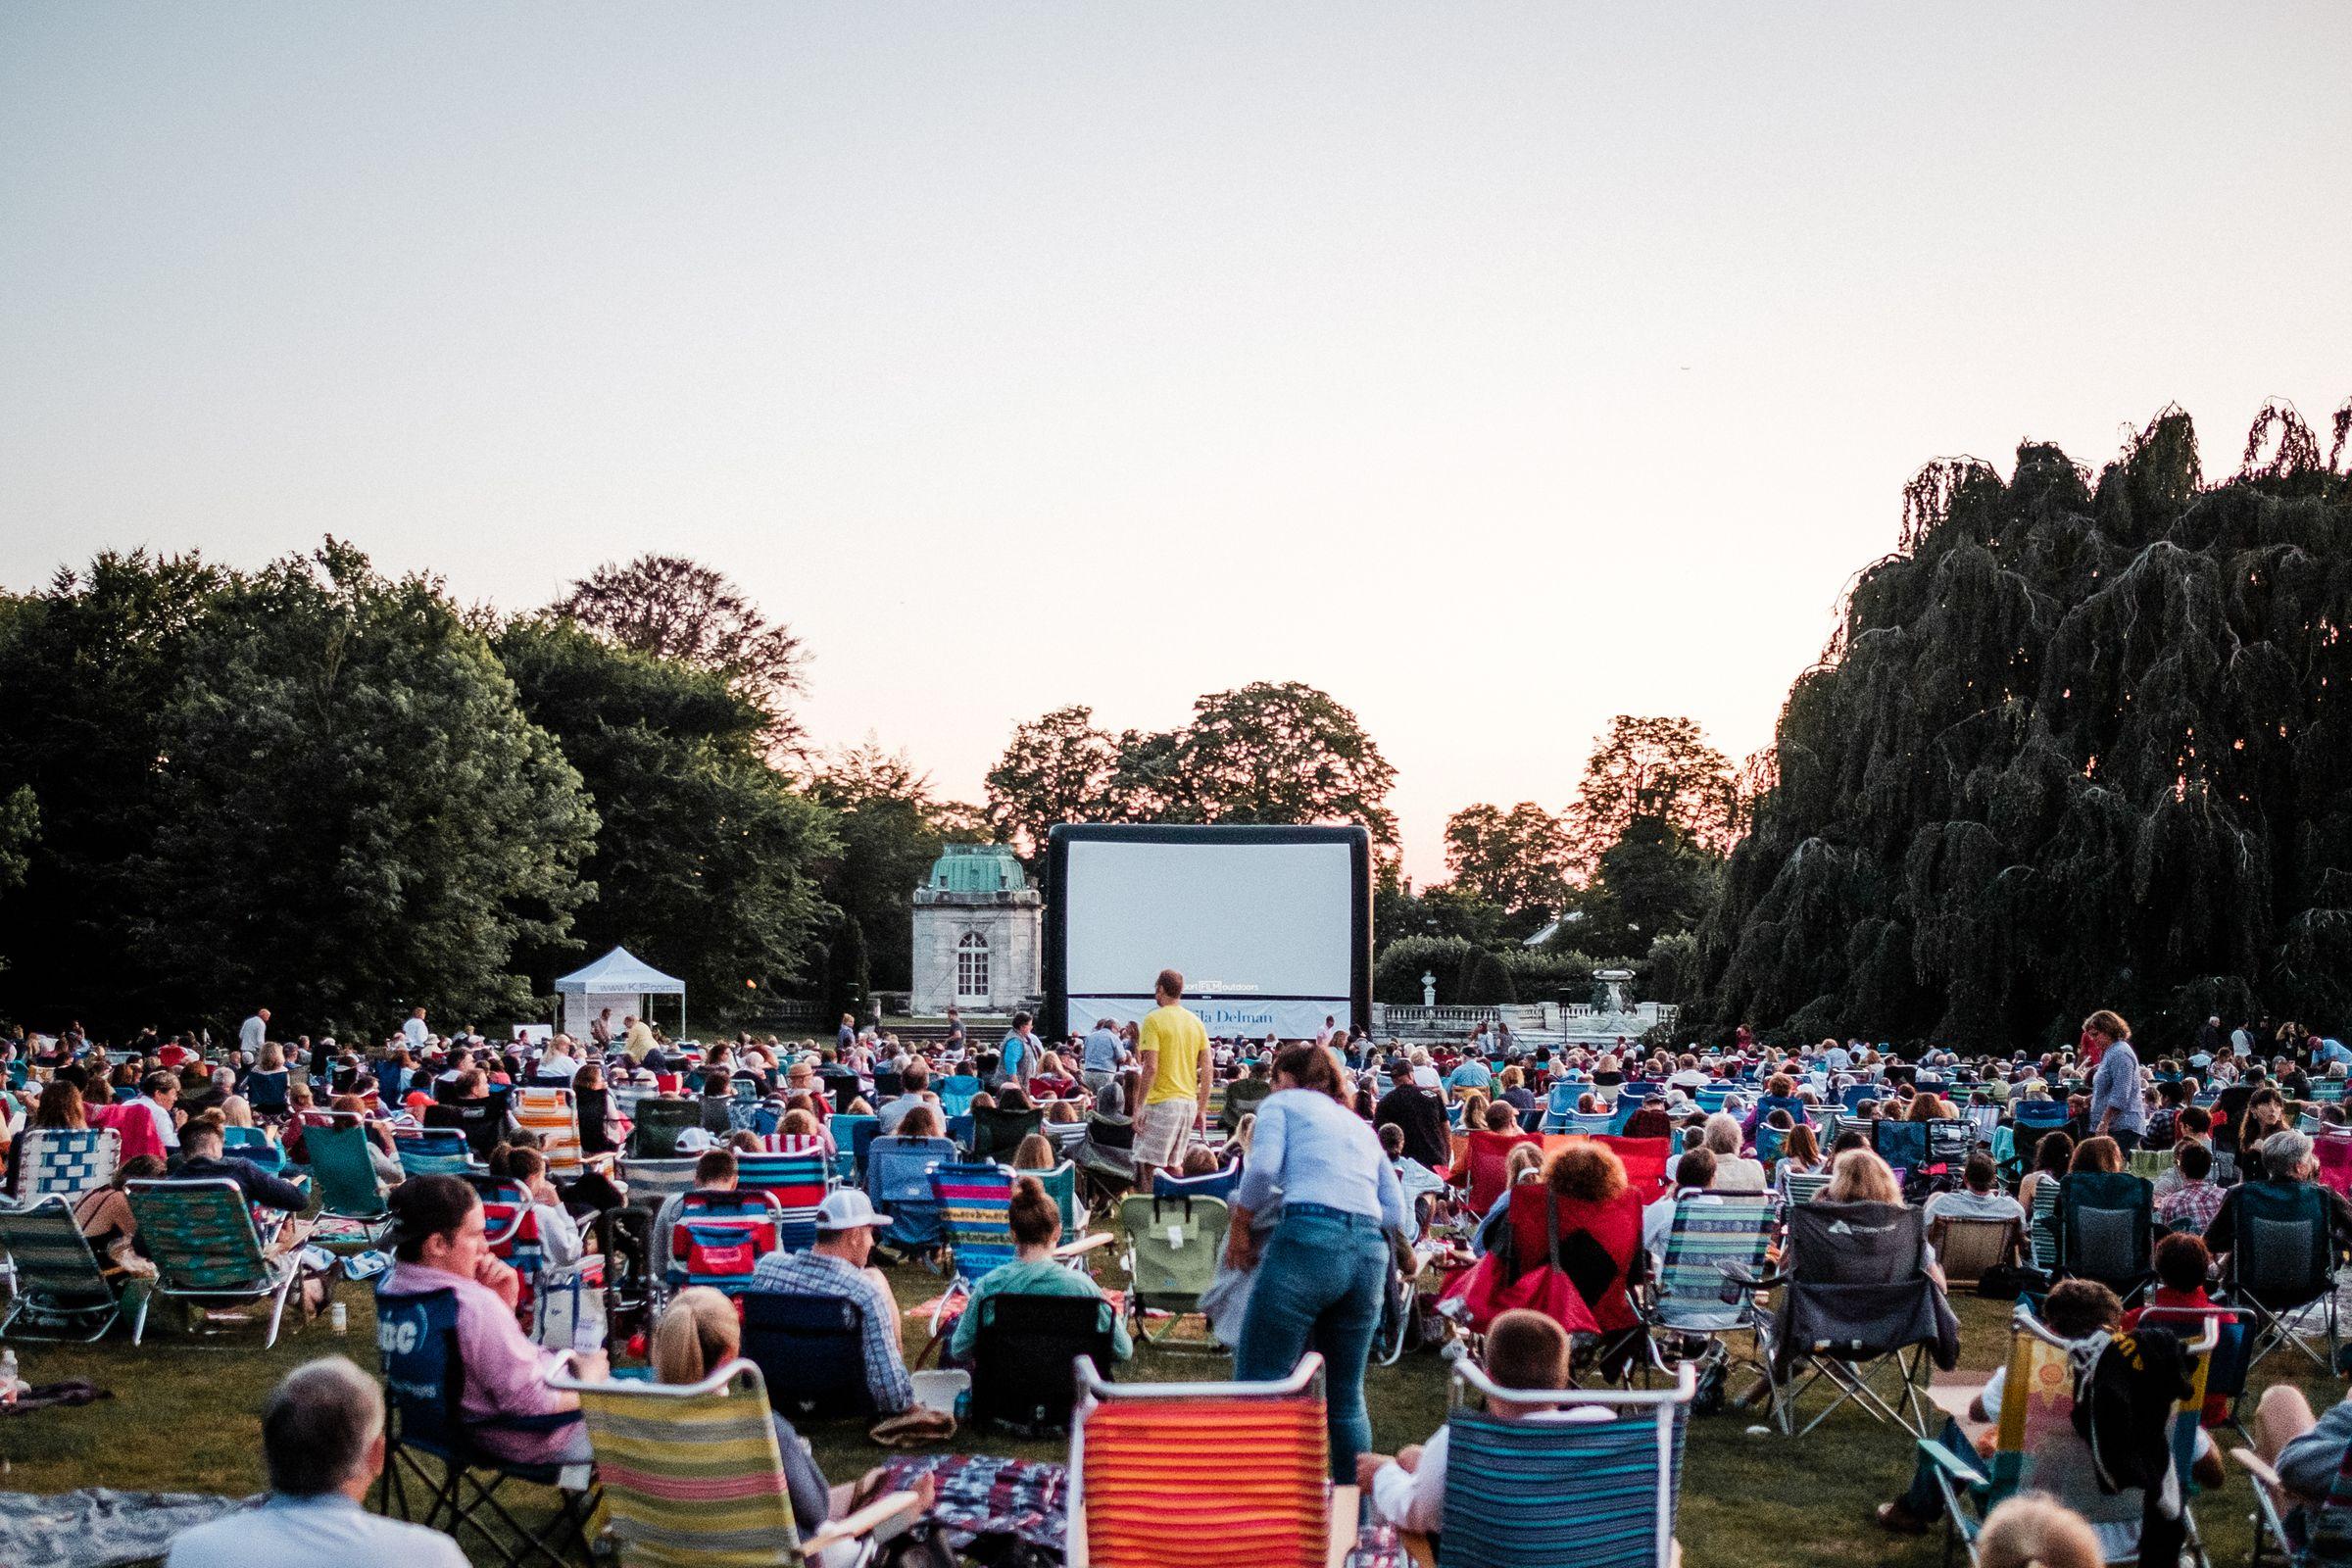 newportFILM Outdoor Film Series returning this summer